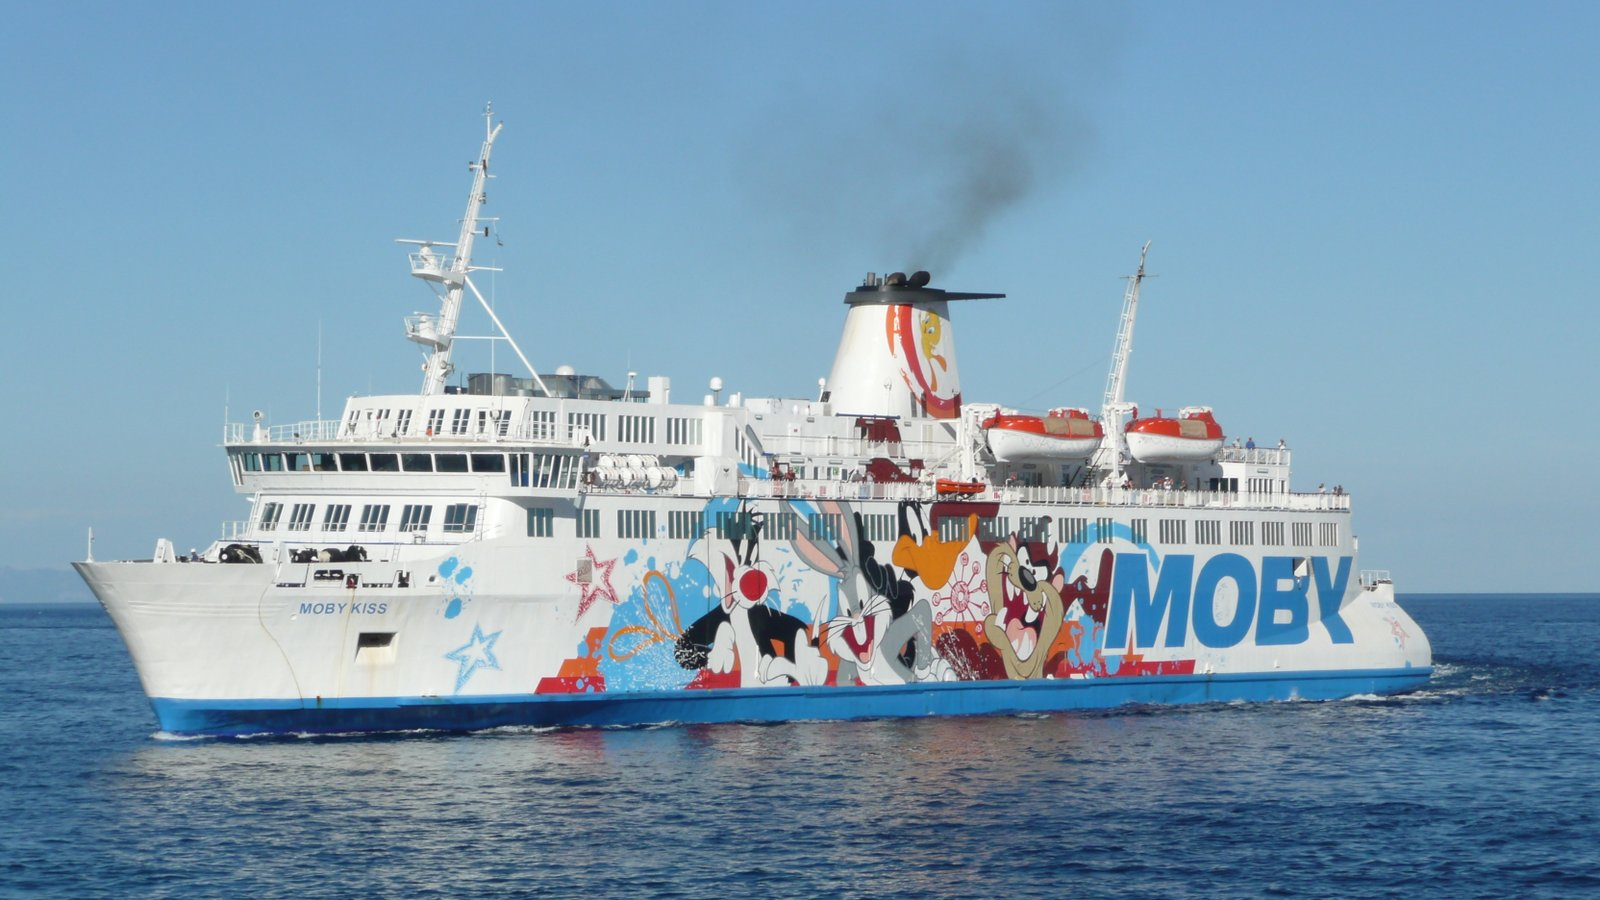 L'arrivée du Moby Kiss à Bastia en juillet 2016 ; photo : Romain Roussel